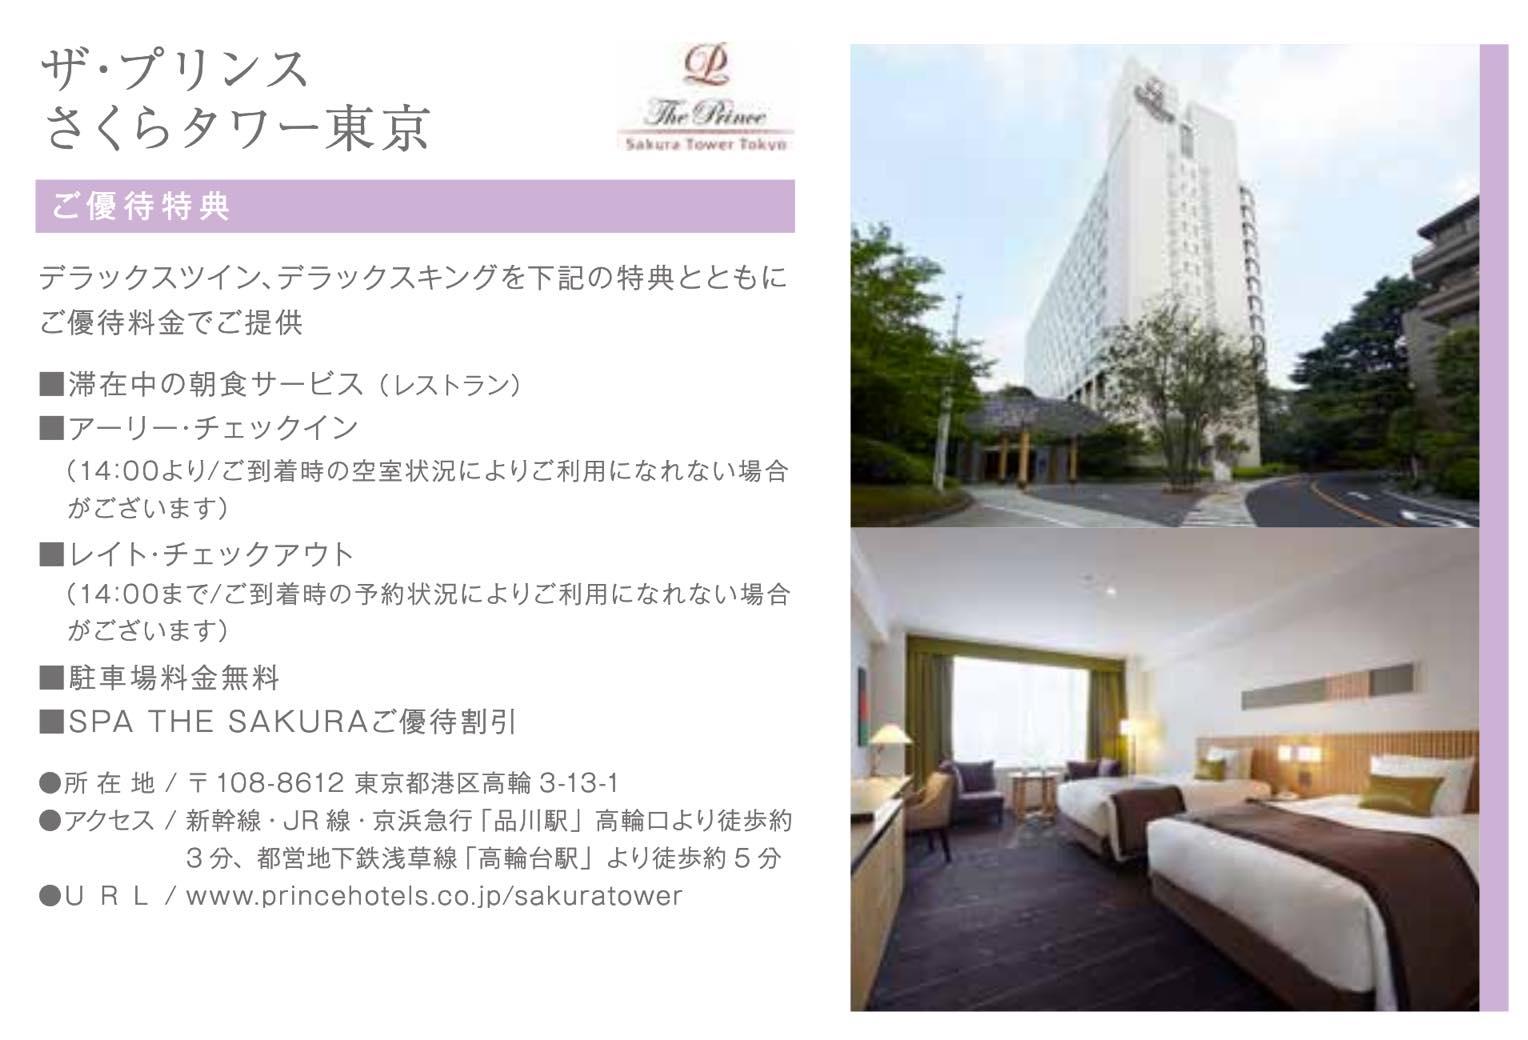 「オントレ(entree)」の「ザ・プリンスさくらタワー東京」の特典